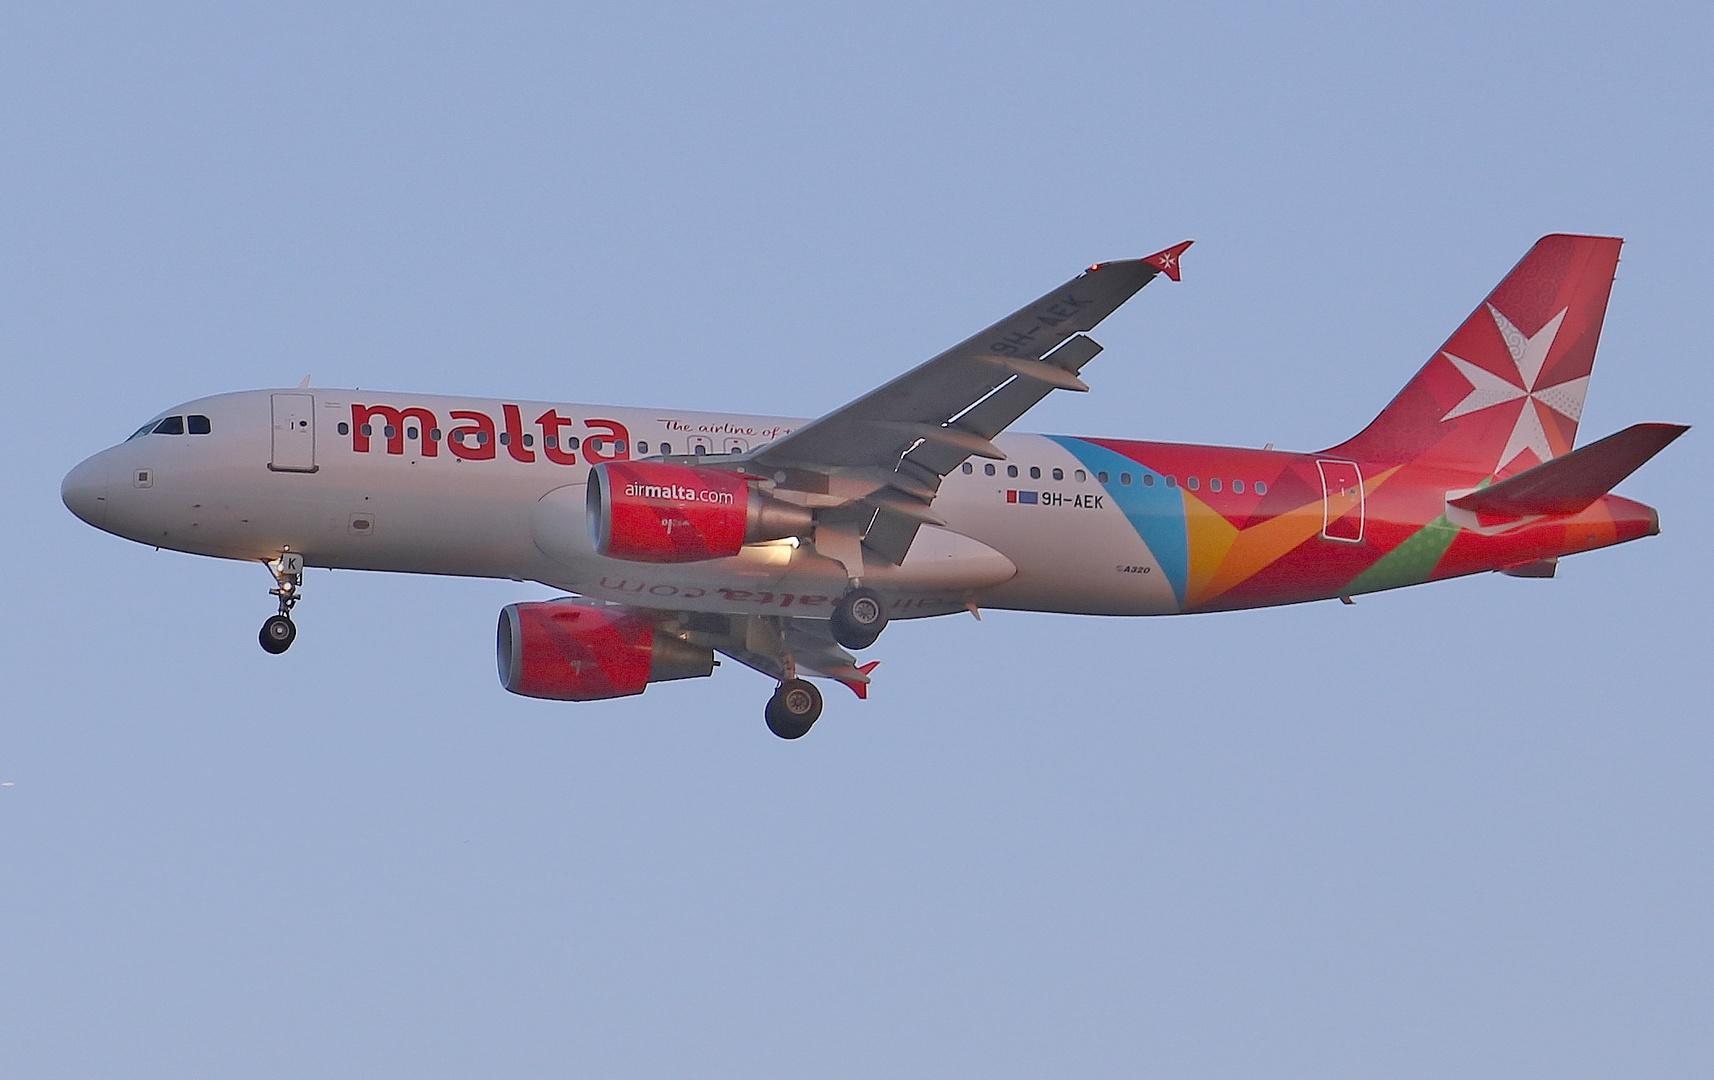 Air Malta im Anflug auf Frankfurt/ Main